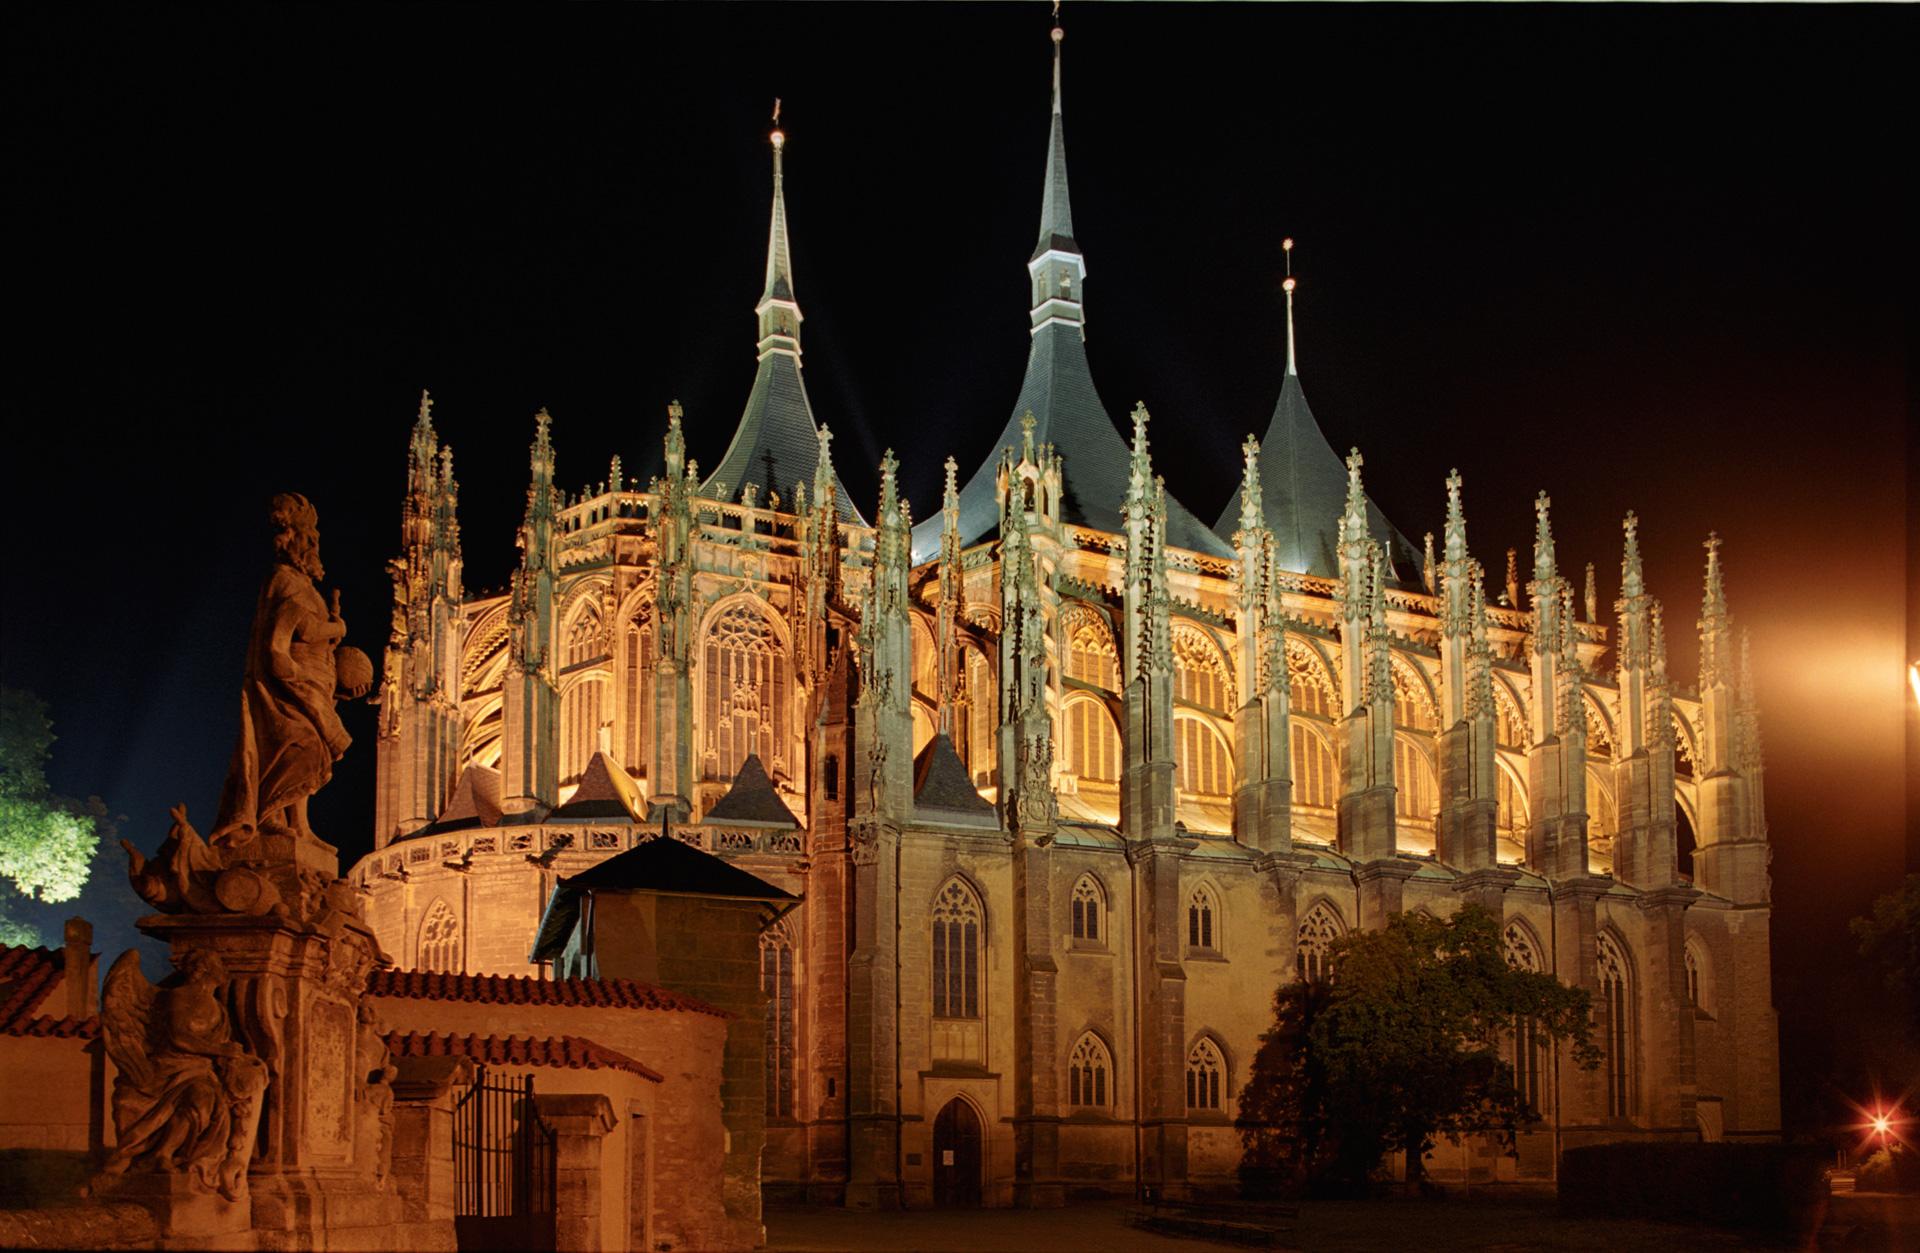 Katedra Św. Barbary wieczorem